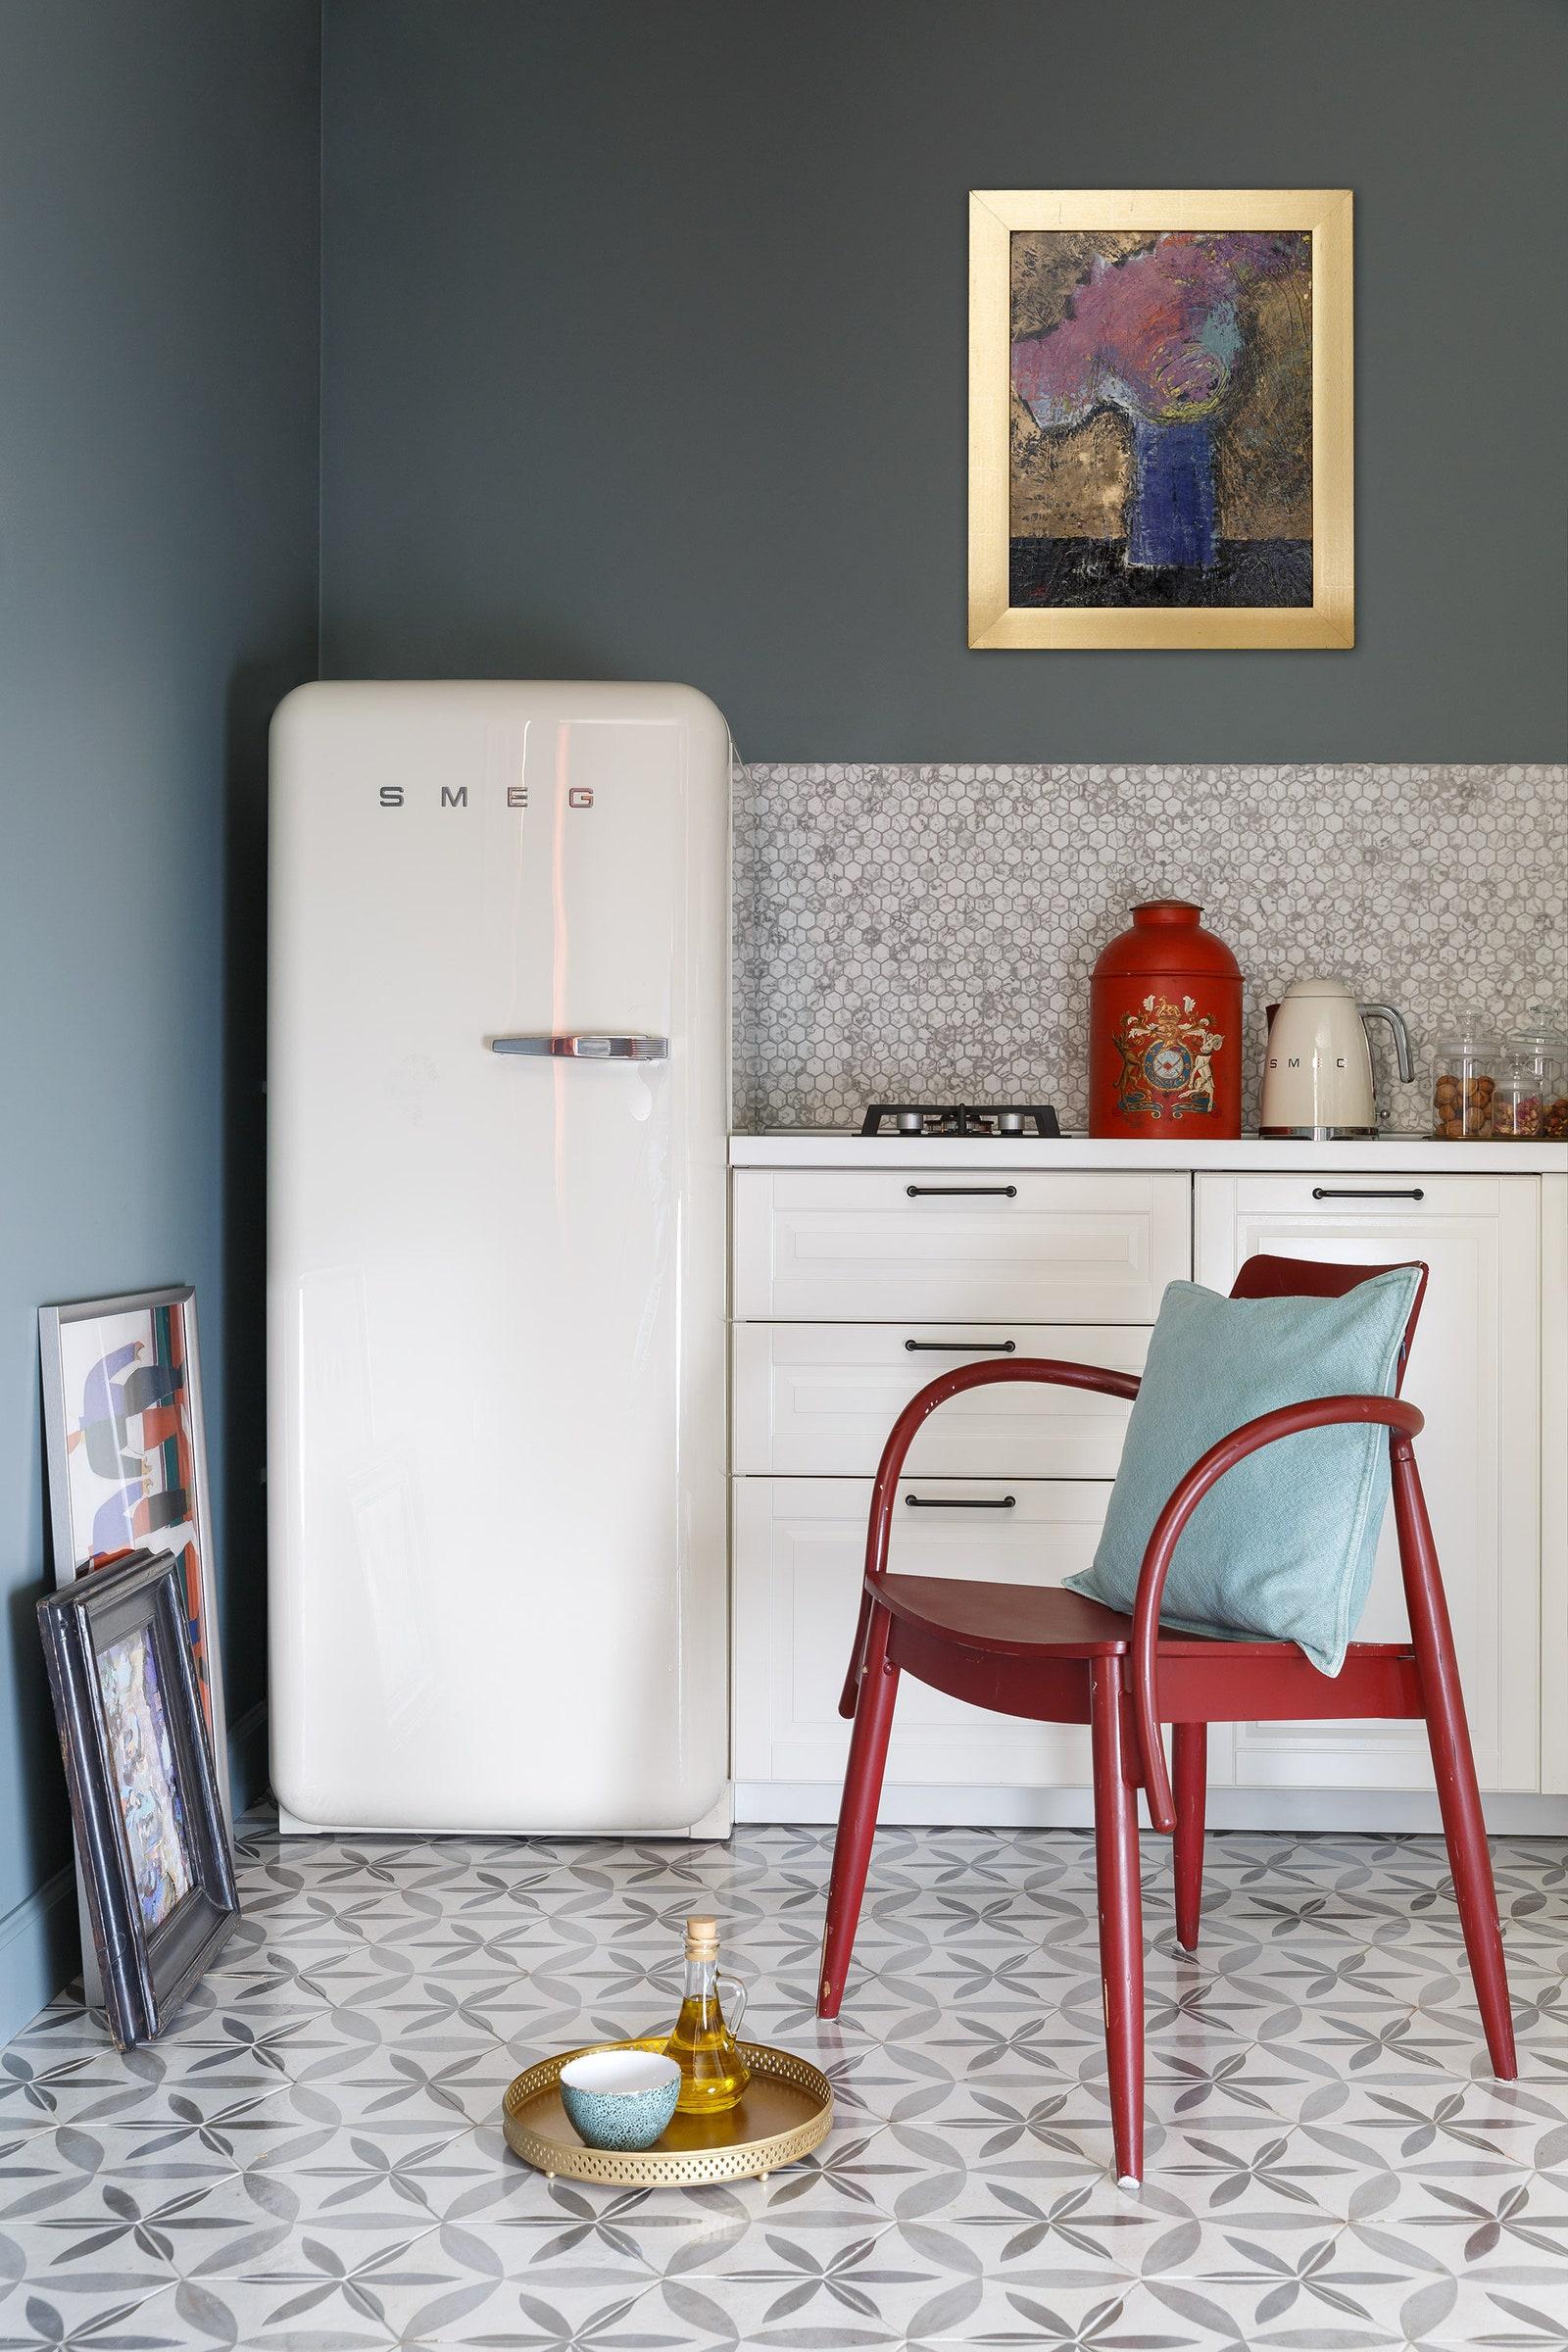 .  IKEA  Smeg    Fap Ceramiche    Onix Mosaico.     .   .